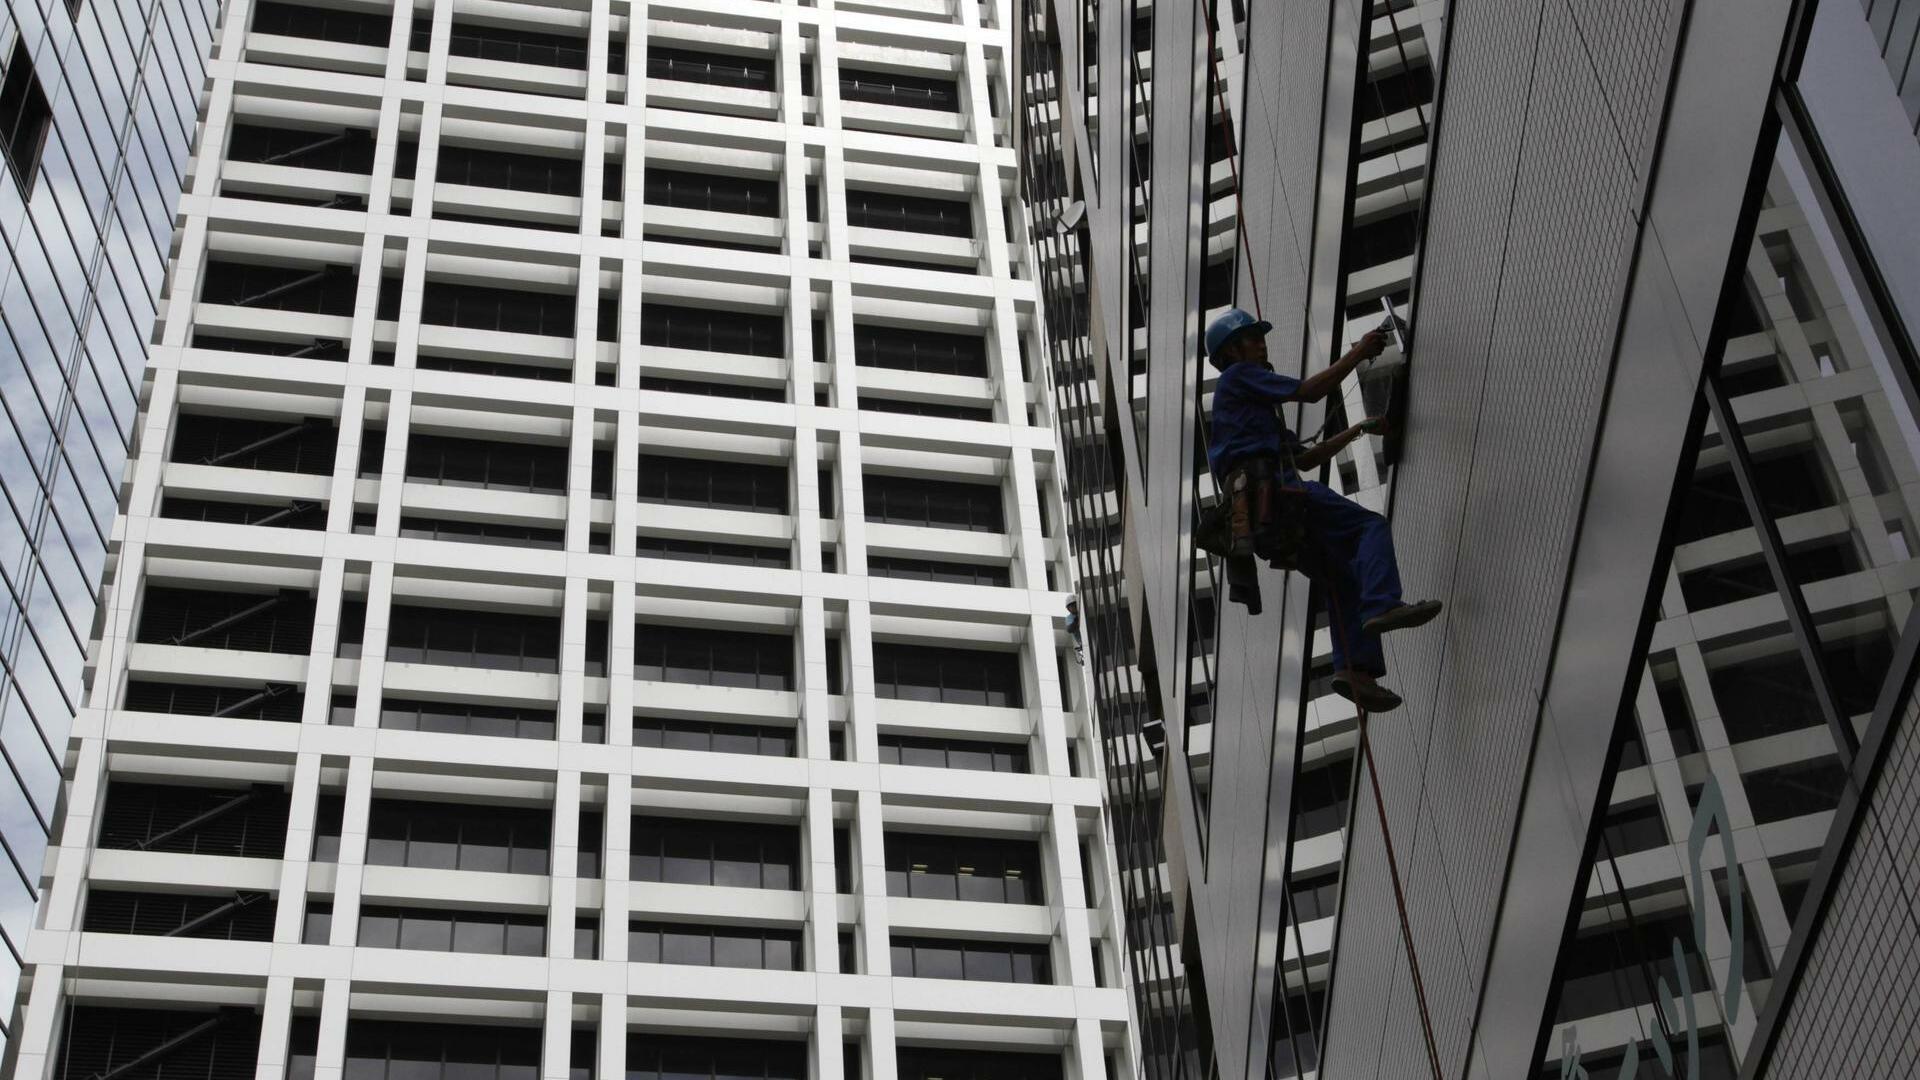 Von Australien bis Luxemburg: Hier werden die höchsten Mindestlöhne gezahlt